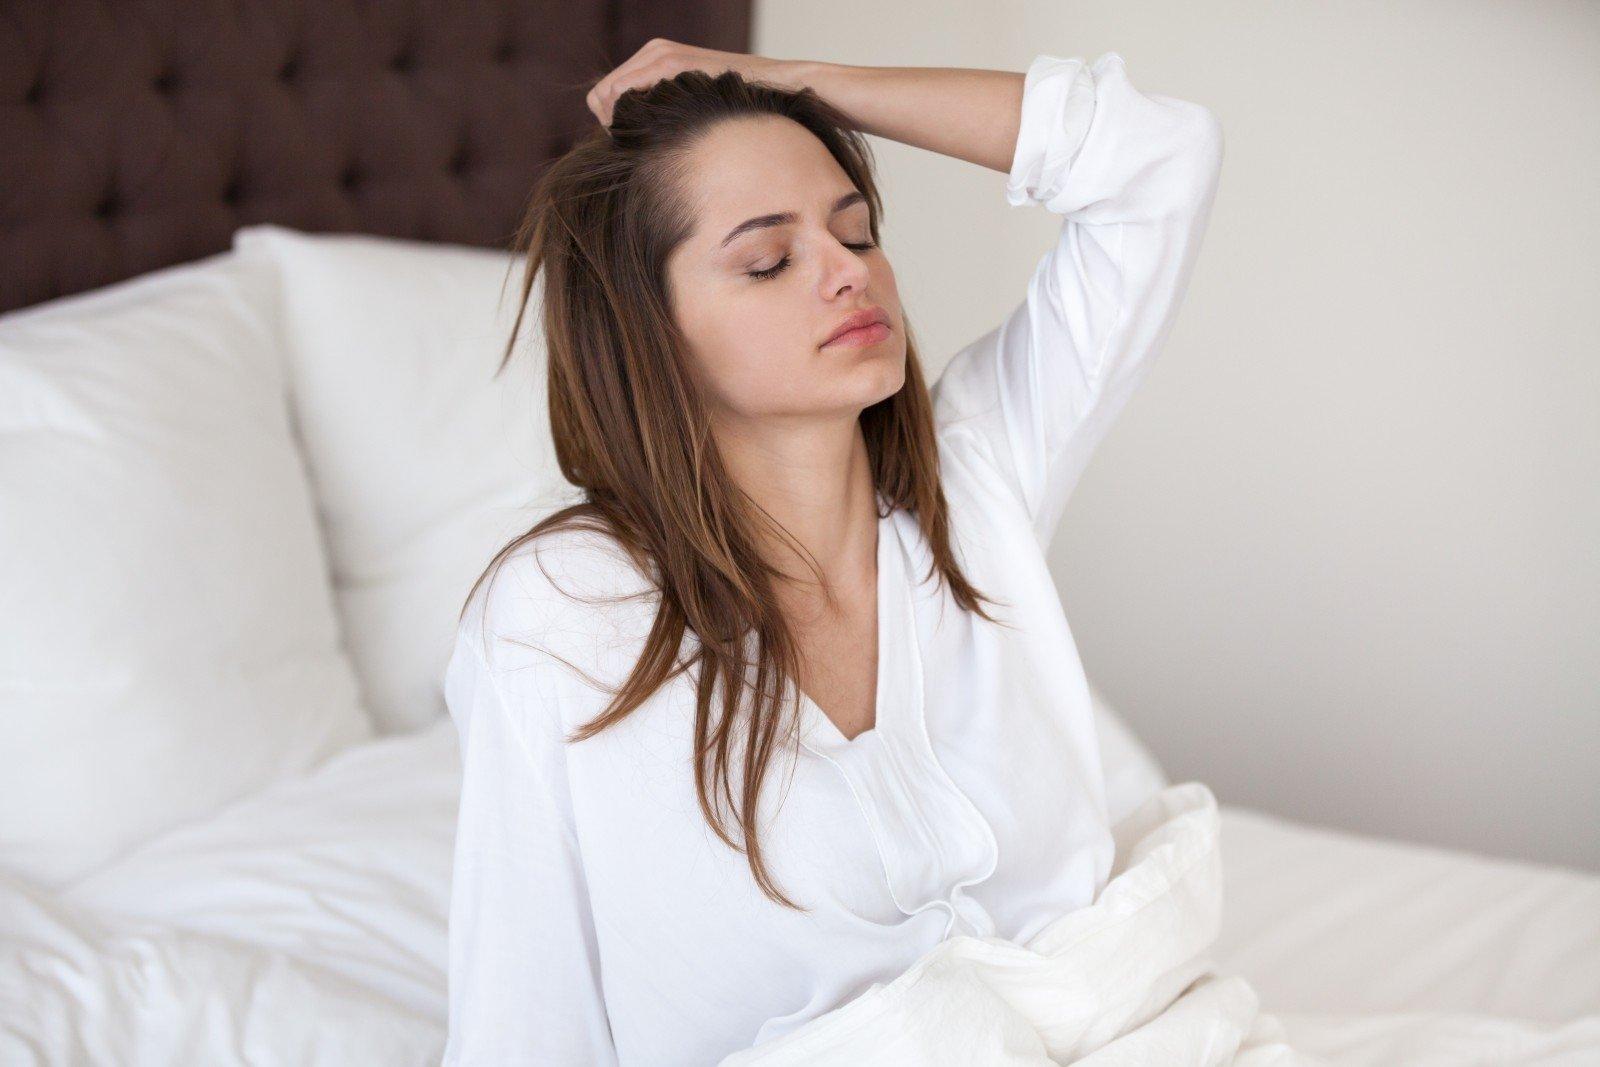 kur padidinti nario kaina koks hormonas veikia varpos augimą